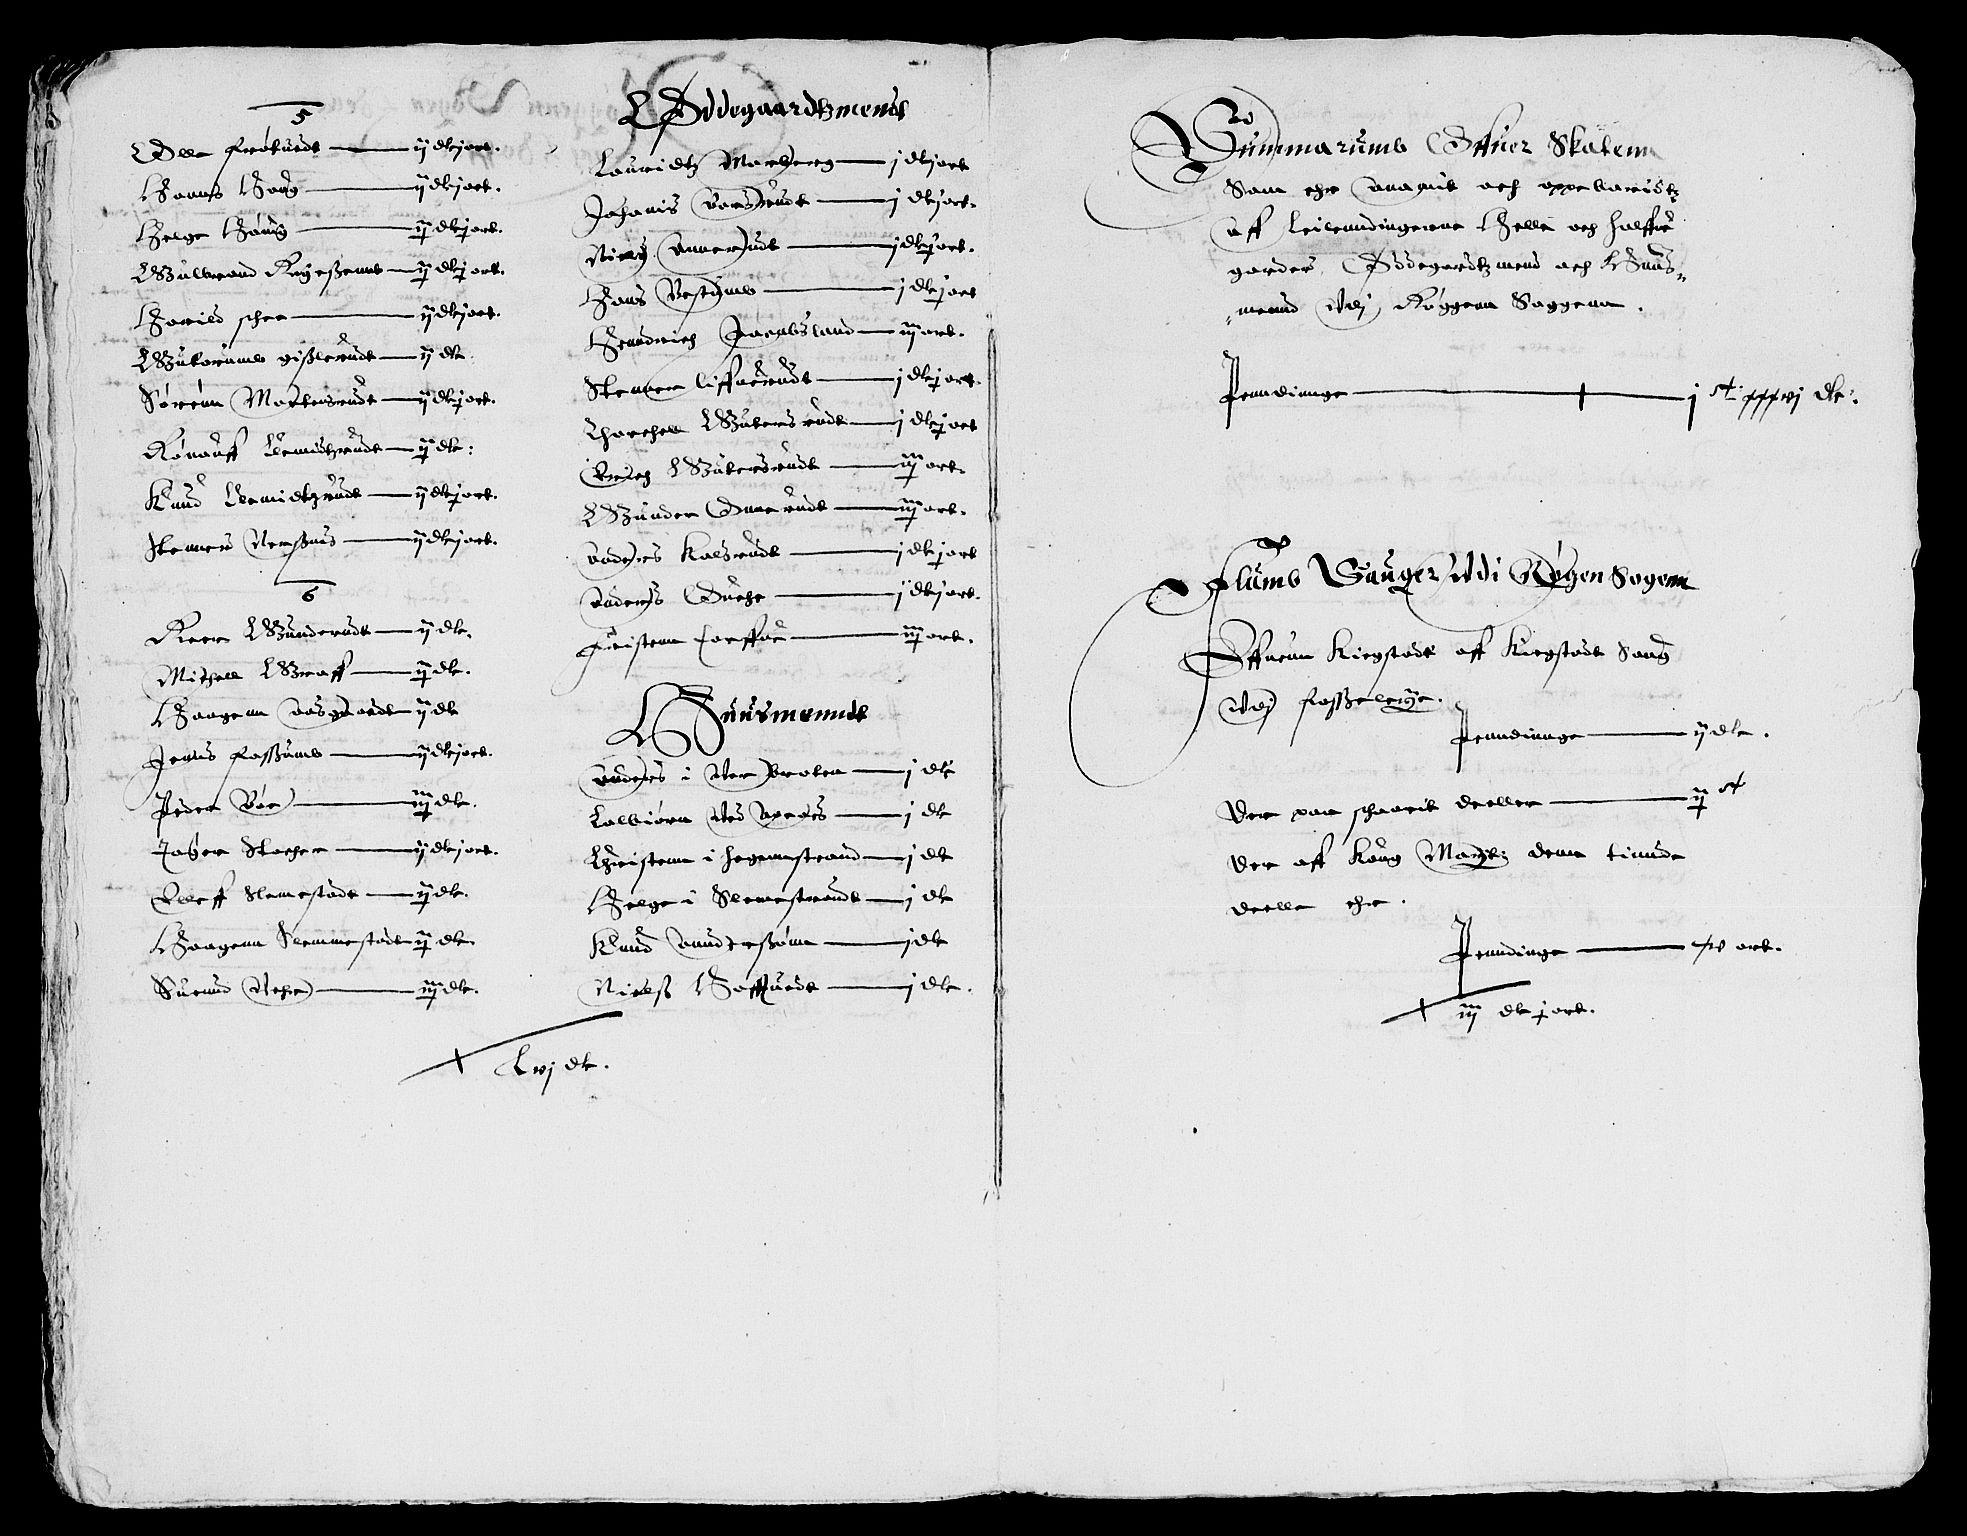 RA, Rentekammeret inntil 1814, Reviderte regnskaper, Lensregnskaper, R/Rb/Rba/L0111: Akershus len, 1632-1633